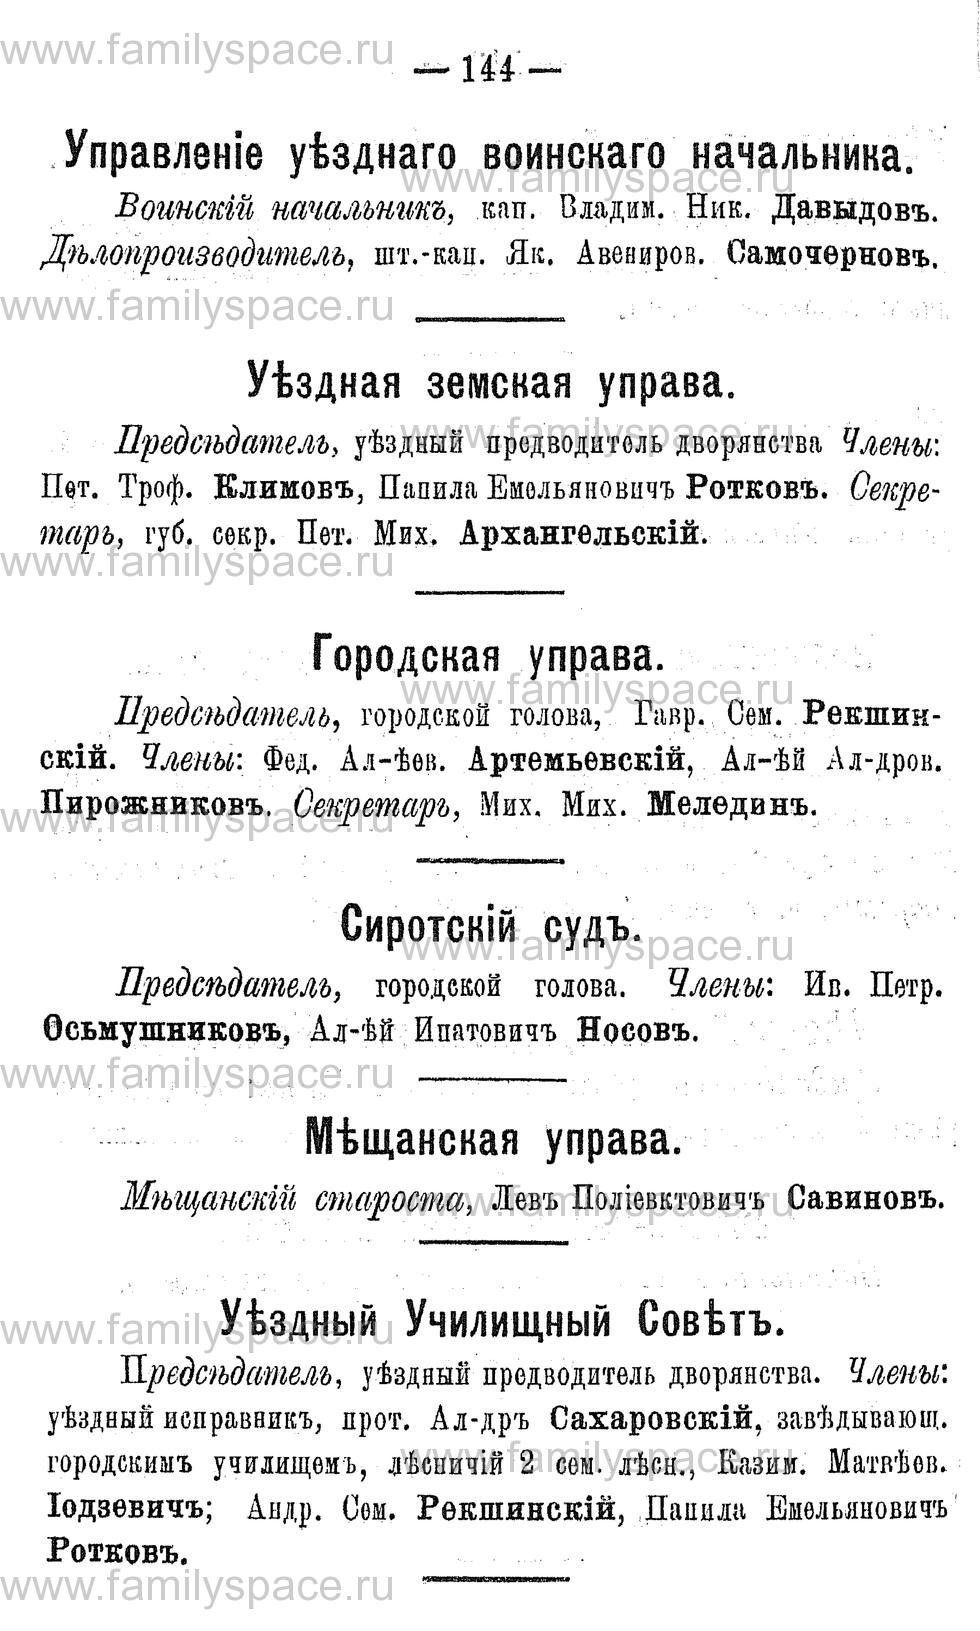 Поиск по фамилии - Адрес-календарь Нижегородской губернии на 1891 год, страница 144